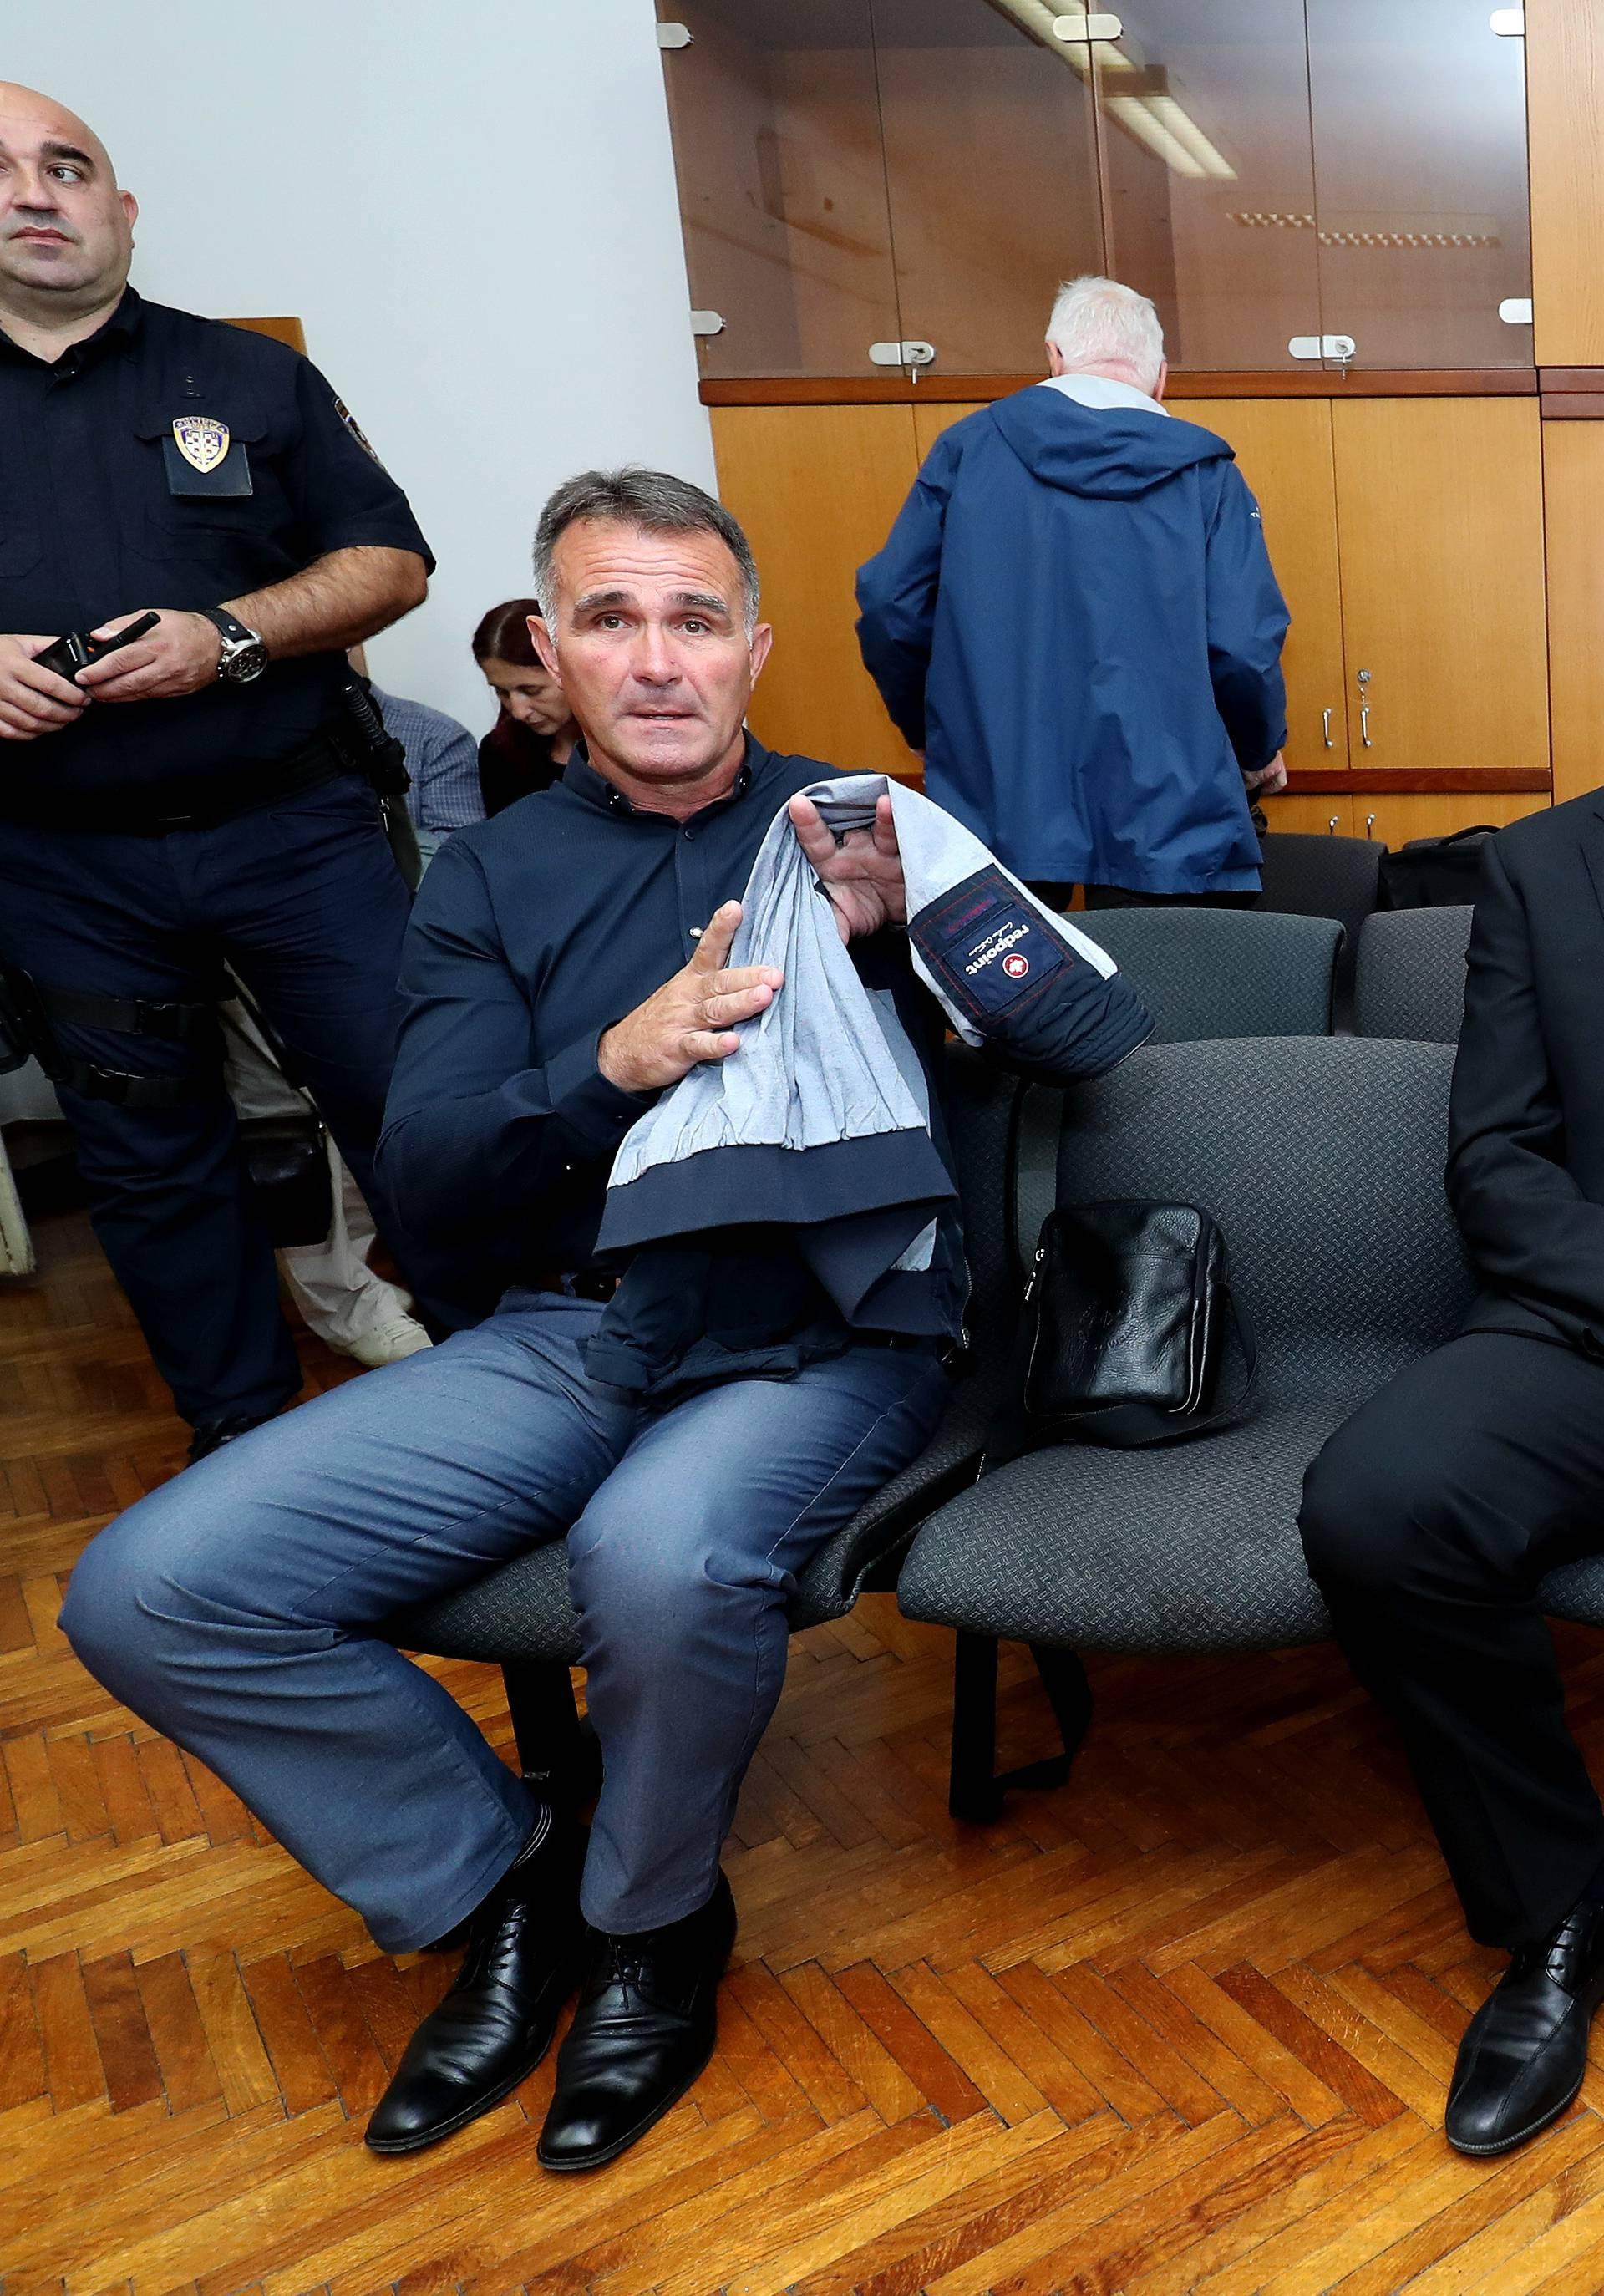 Na suđenju Renu Sinovčiću svjedočit će i Linić i Lalovac?